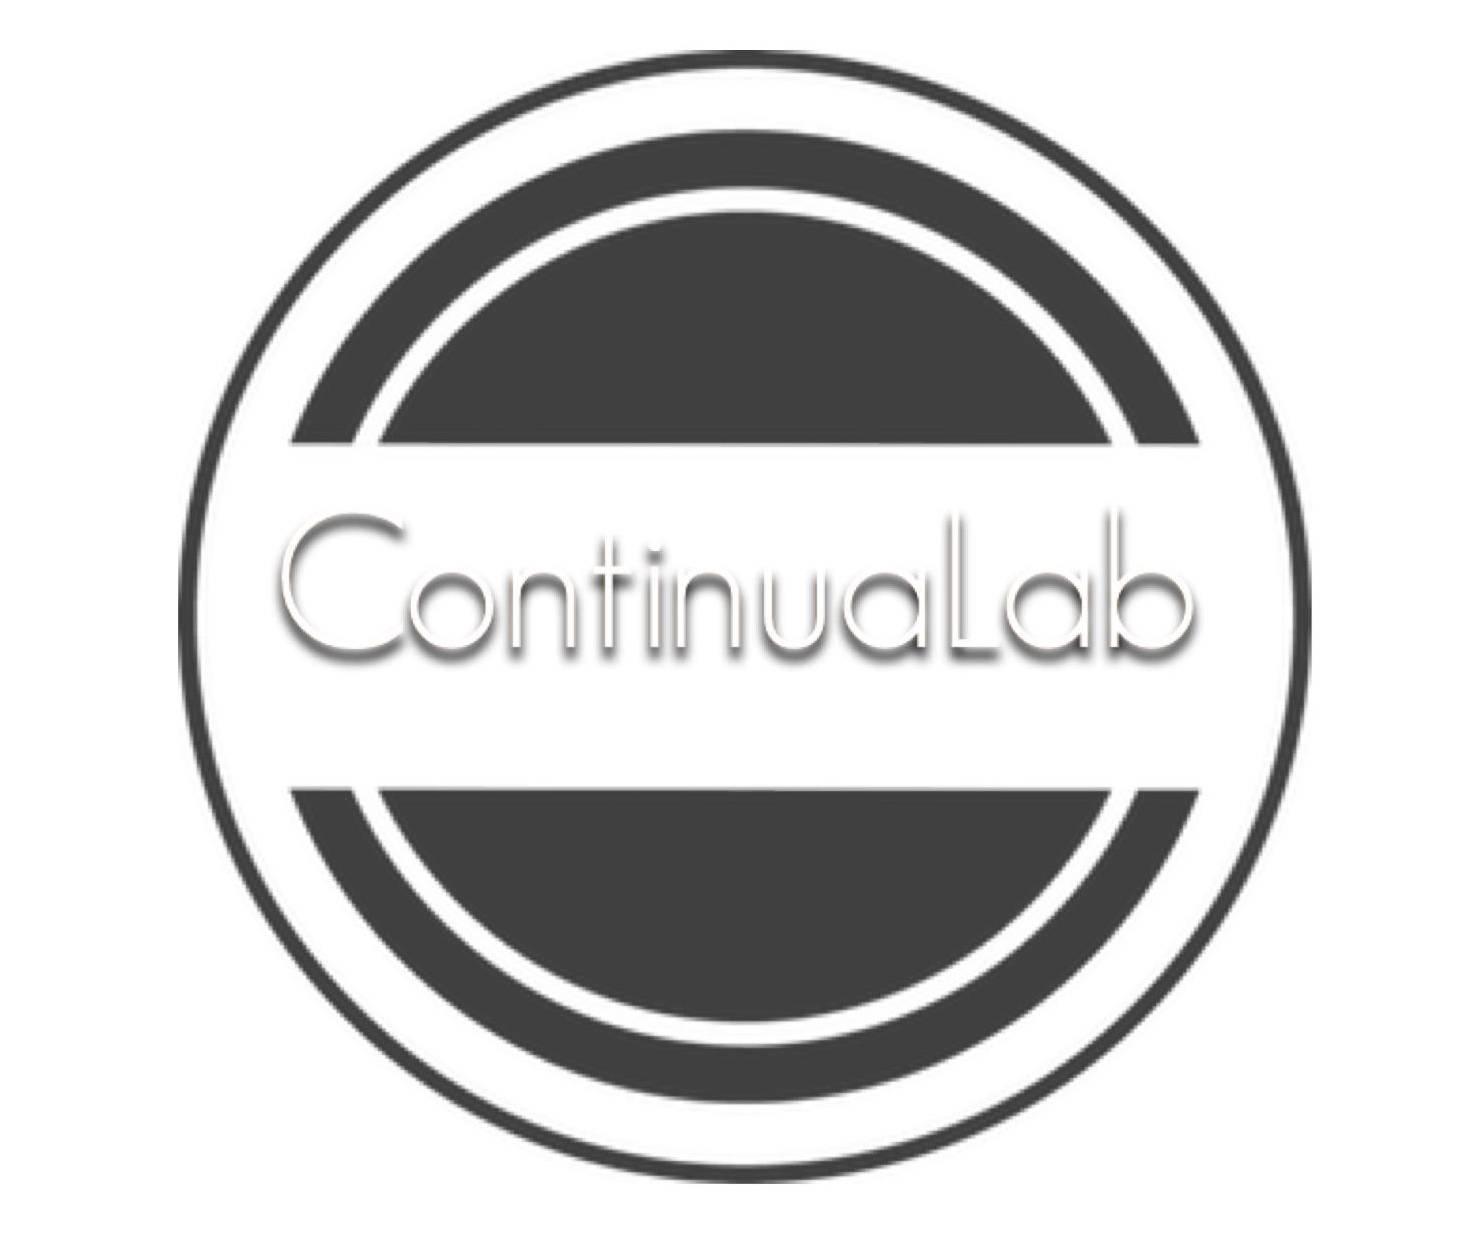 ContinuaLab - Logo